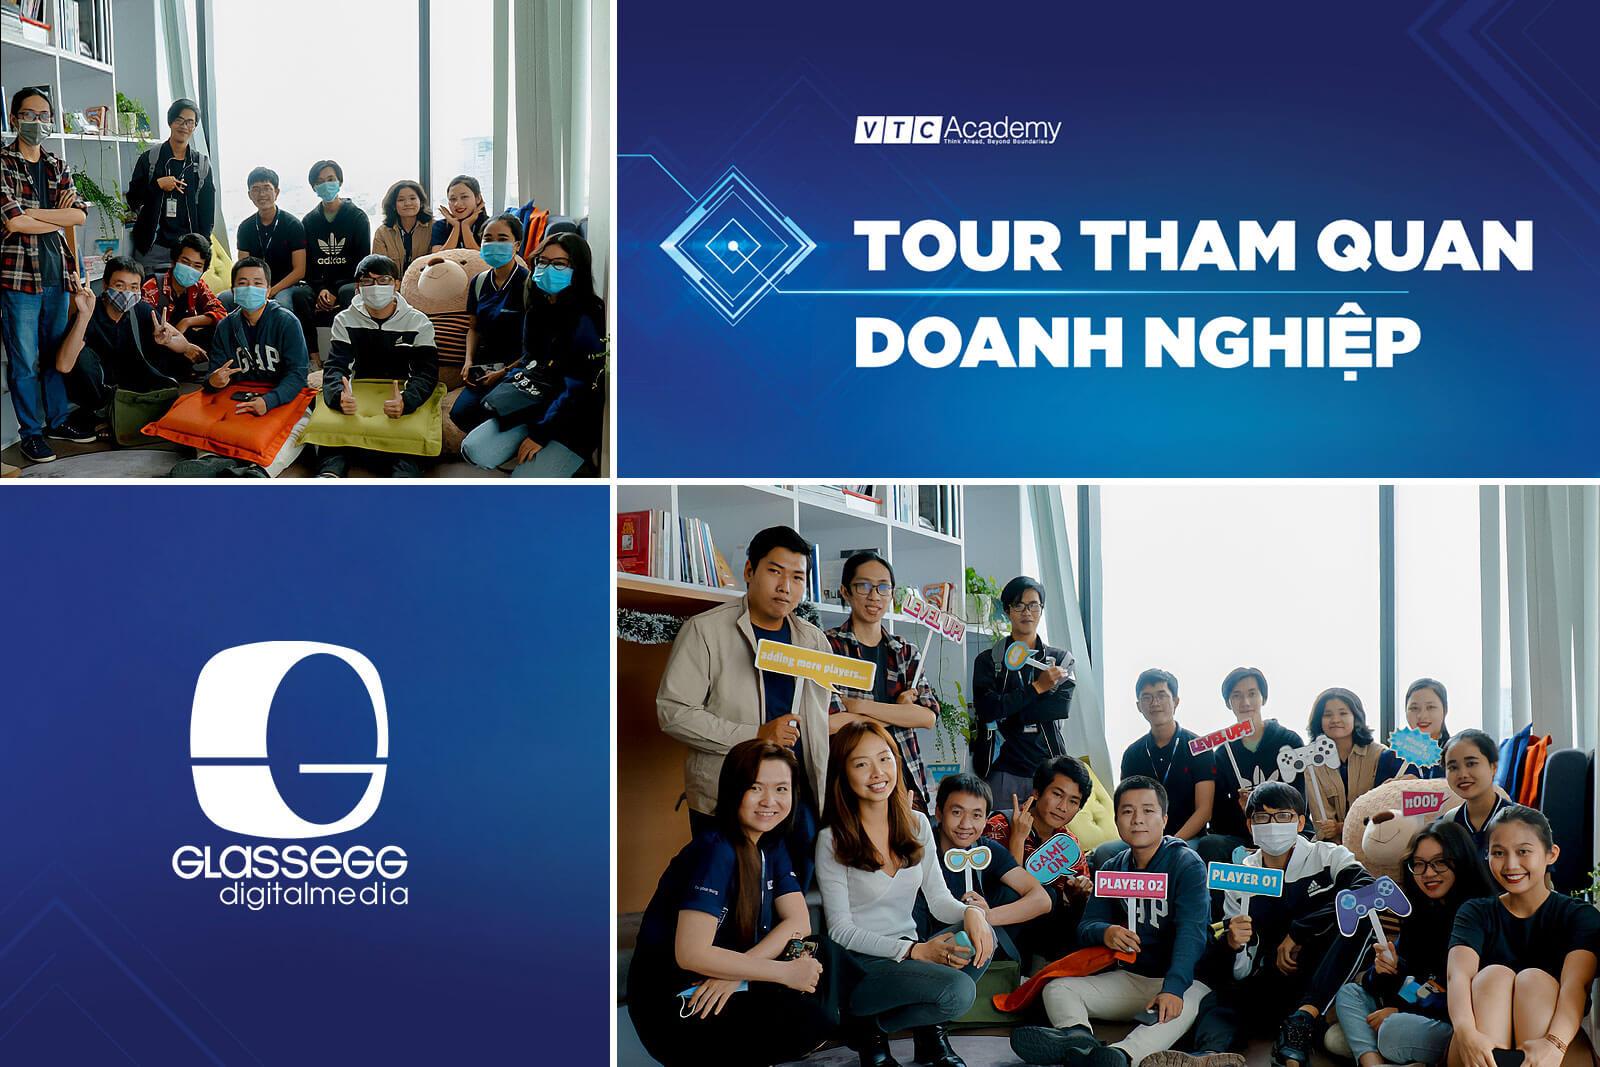 VTC Academy TP.HCM tổ chức tour tham quan doanh nghiệp trong tháng 12/2020 cho học viên